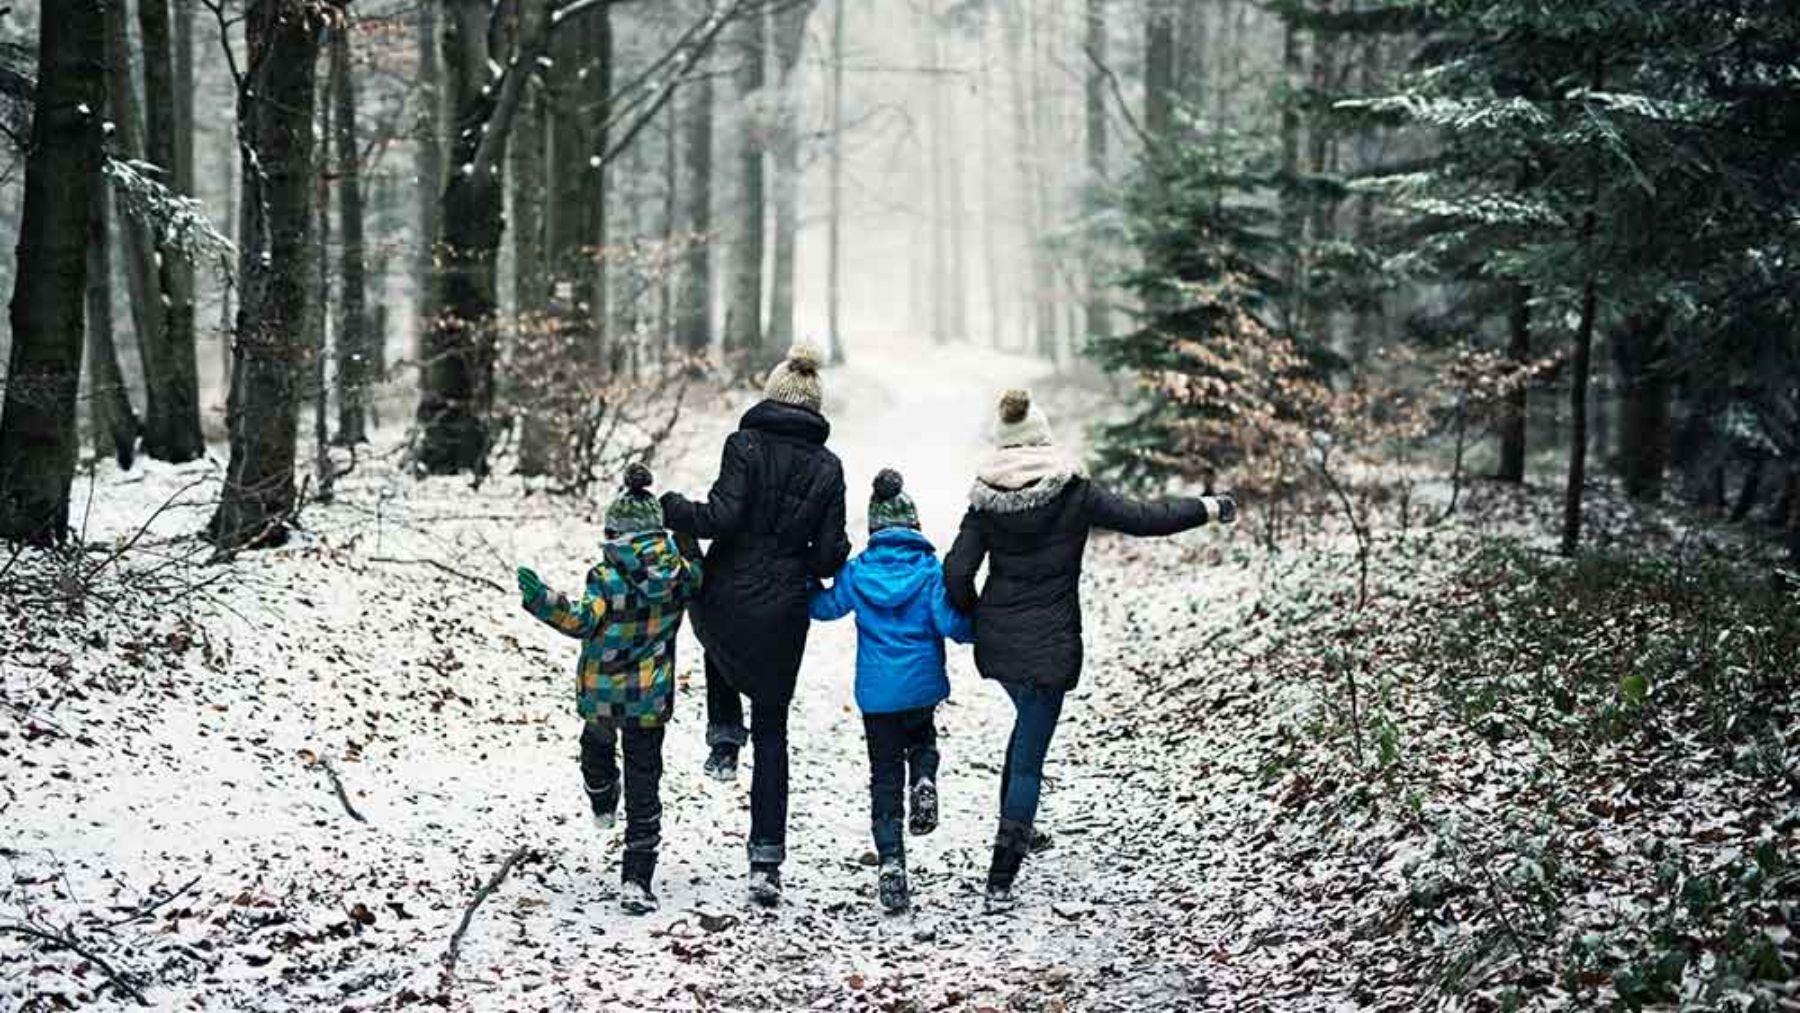 Actividades para hacer en familia durante el otoño y el invierno